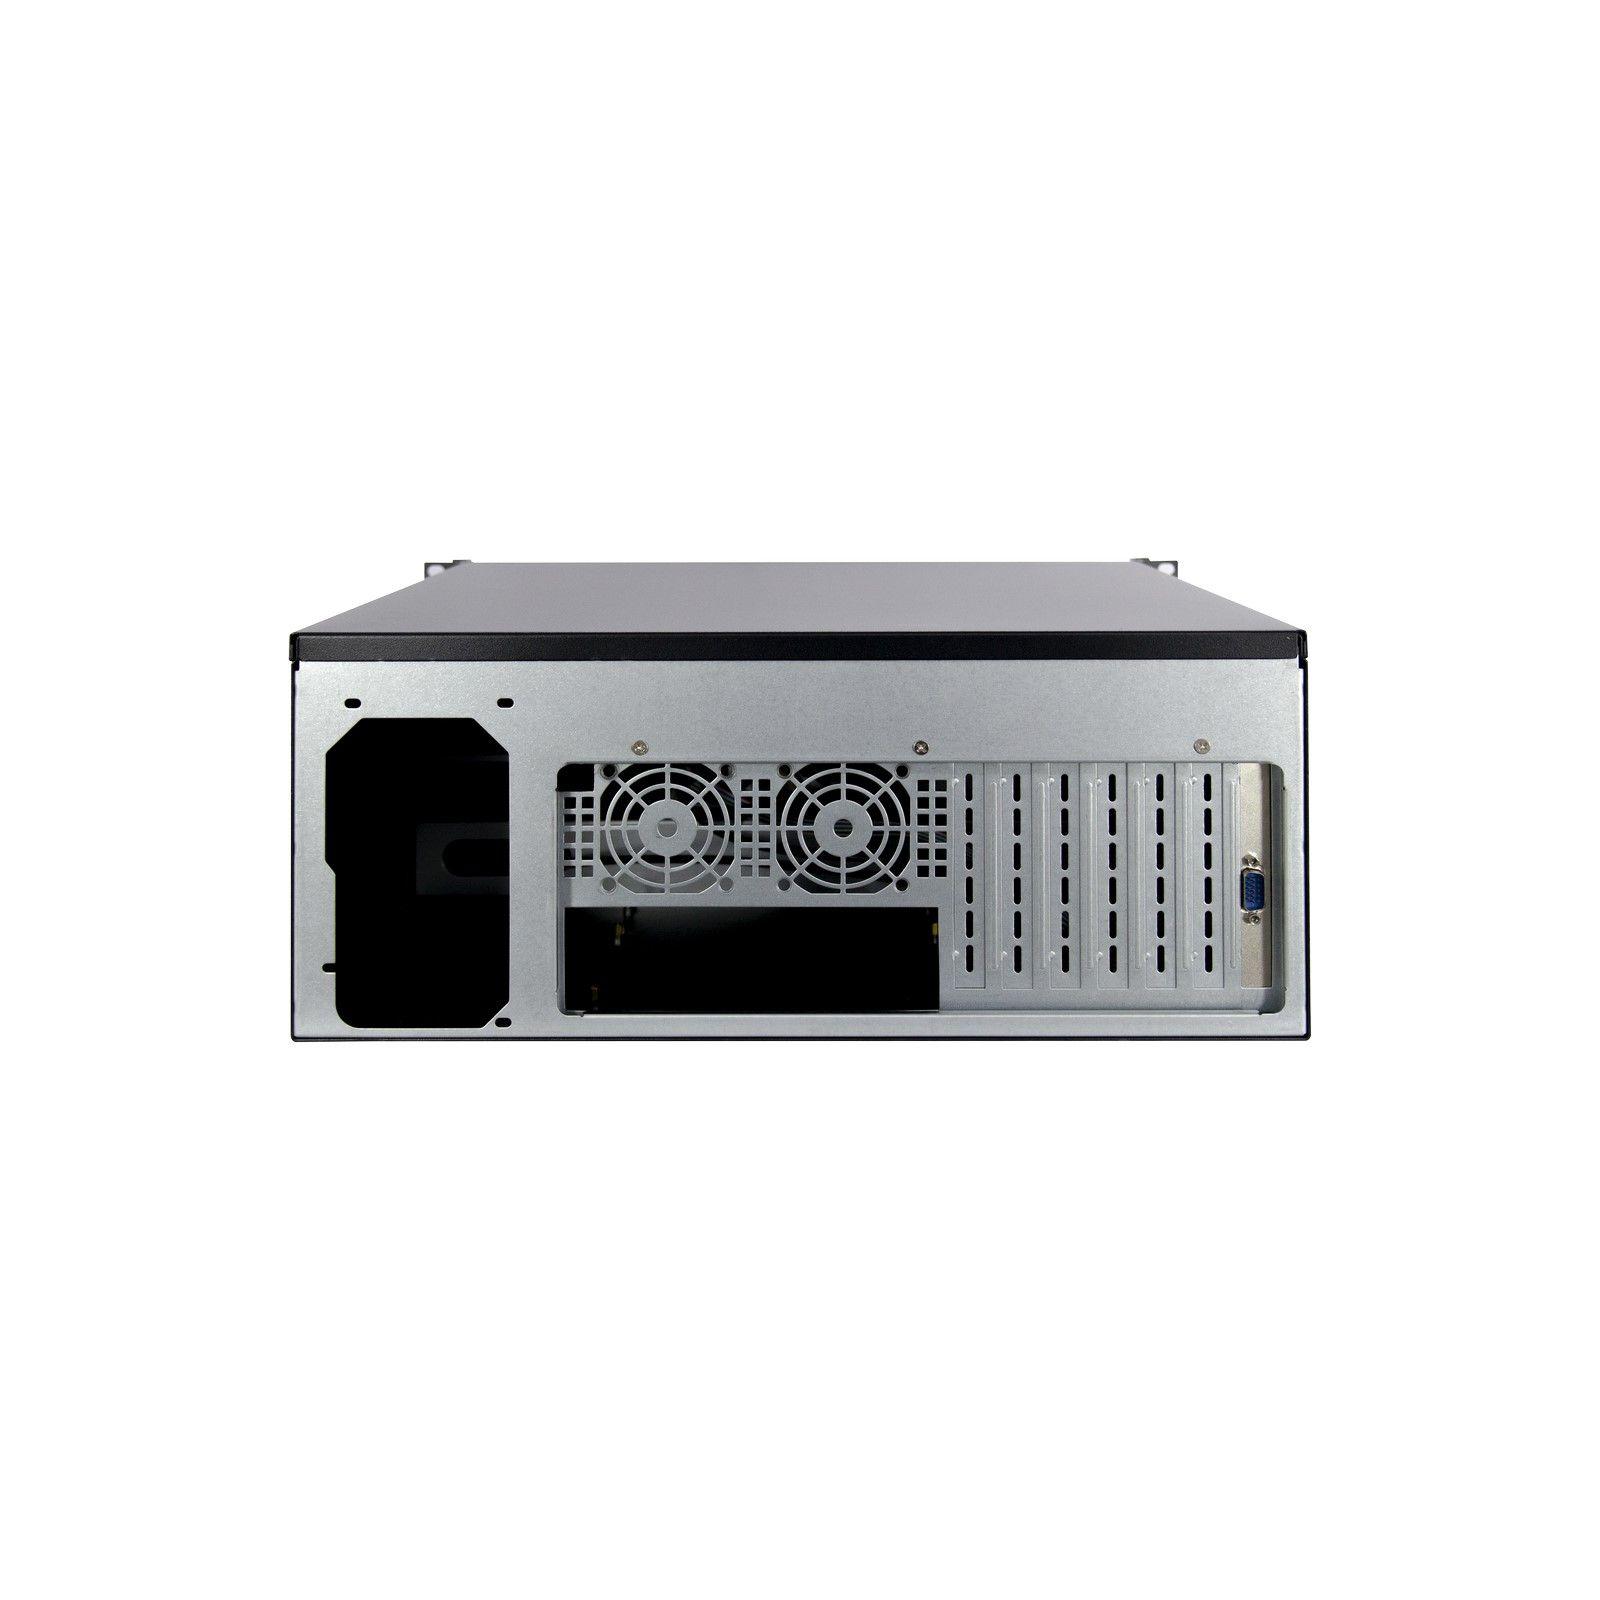 Корпус для сервера Inter-Tech 4U-4452 (456586) изображение 3